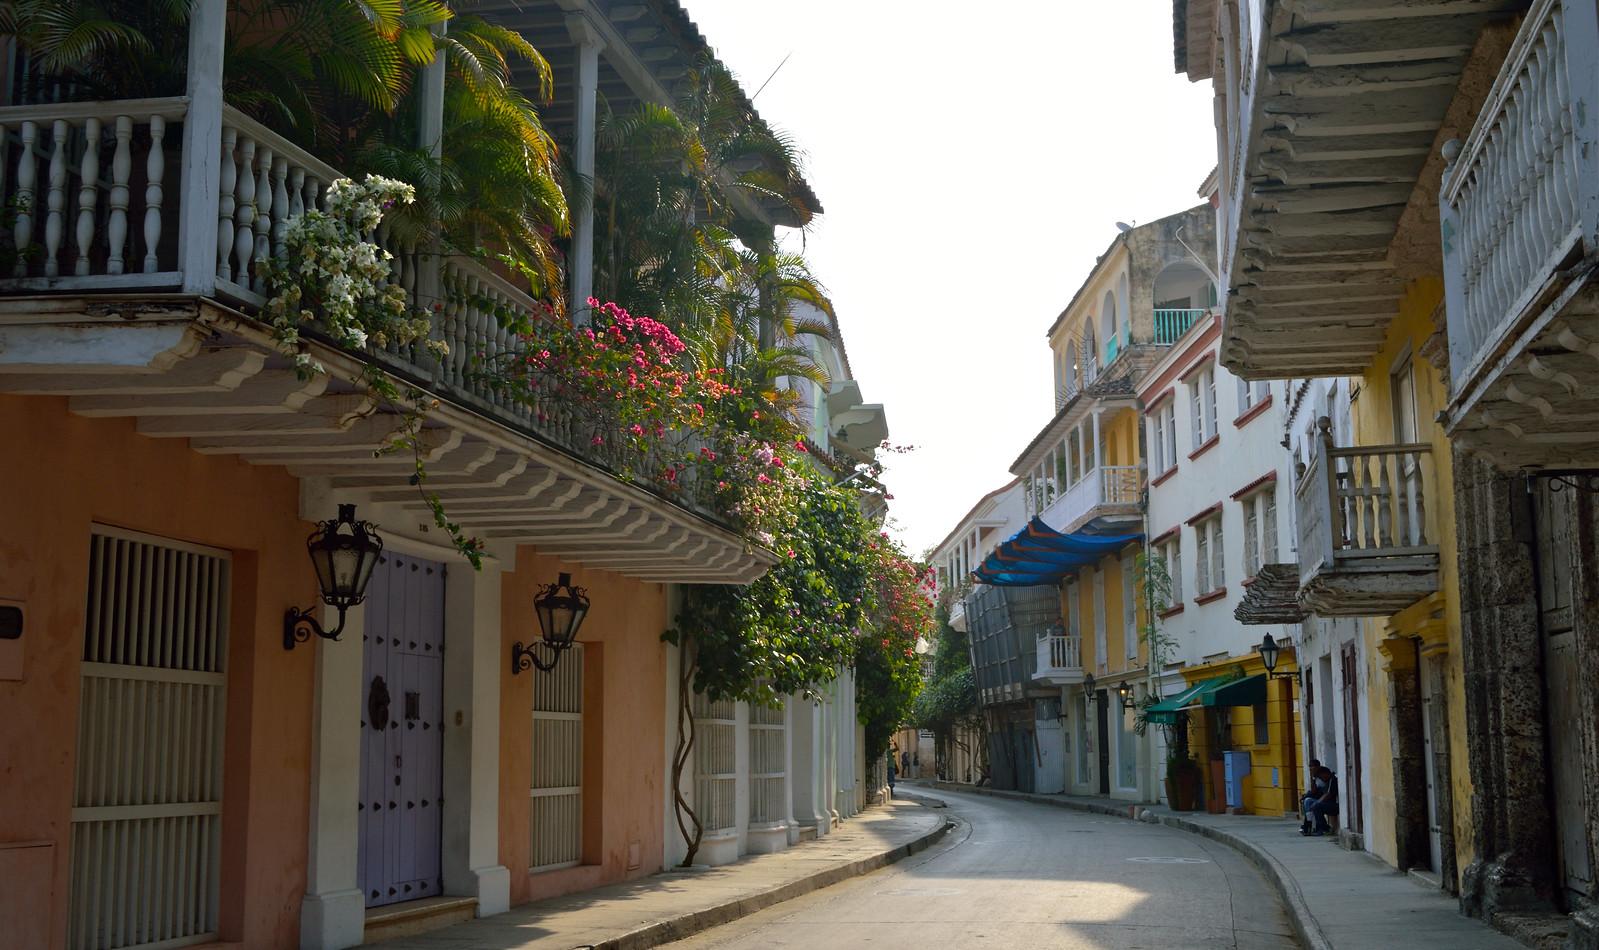 Calle de las Damas